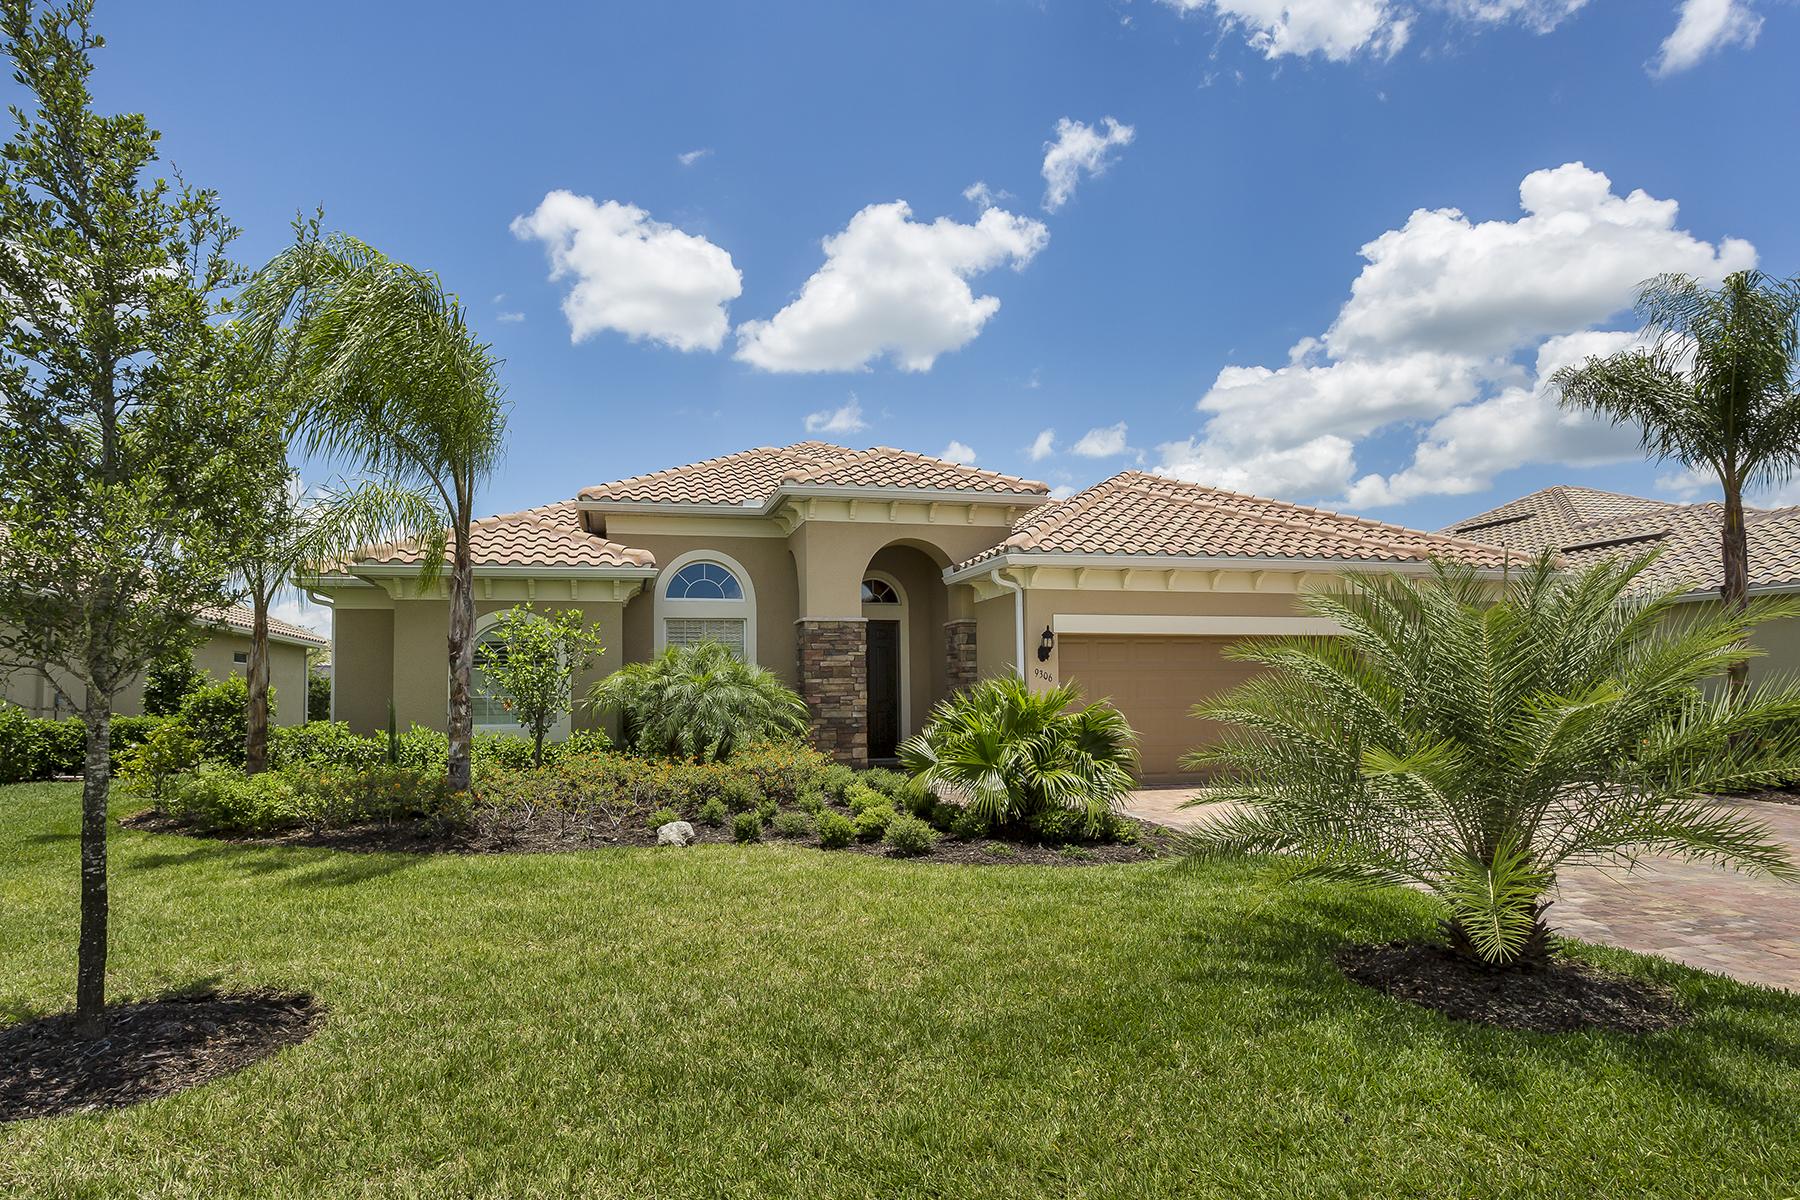 独户住宅 为 销售 在 THE QUARRY 9306 Quarry Dr 那不勒斯, 佛罗里达州, 34120 美国